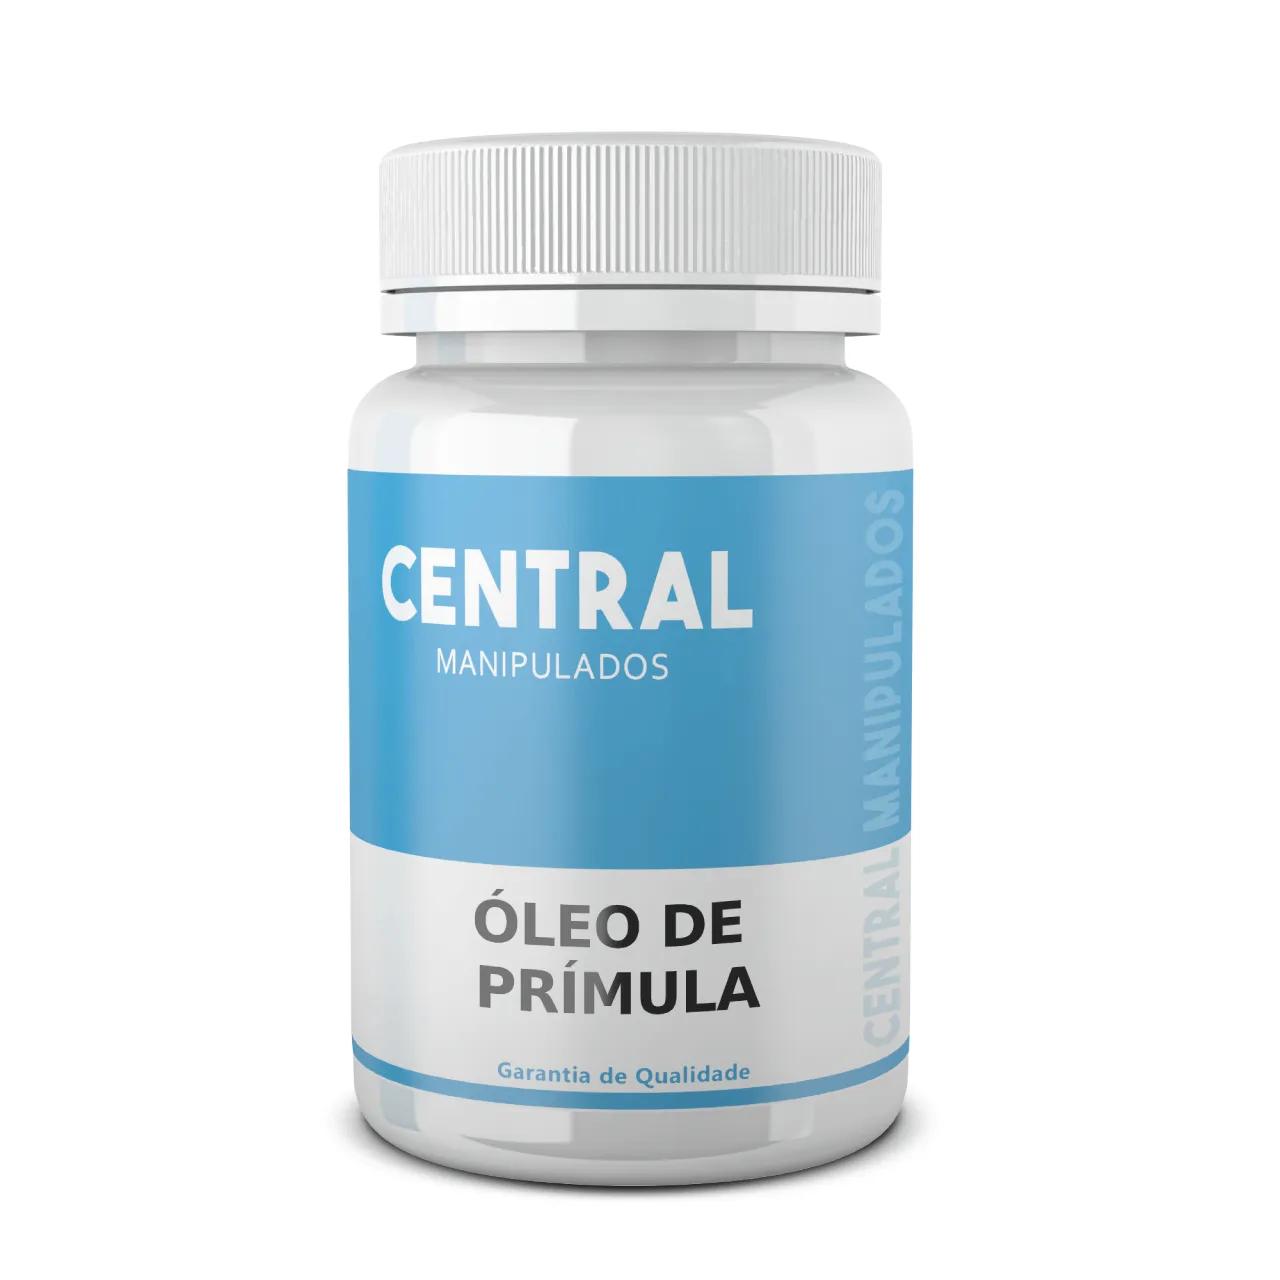 Óleo de Prímula 500mg - 90 cápsulas - Previne Endurecimento das Artérias, Doença Cardiovascular e Pressão Alta, Dimininui Colesterol